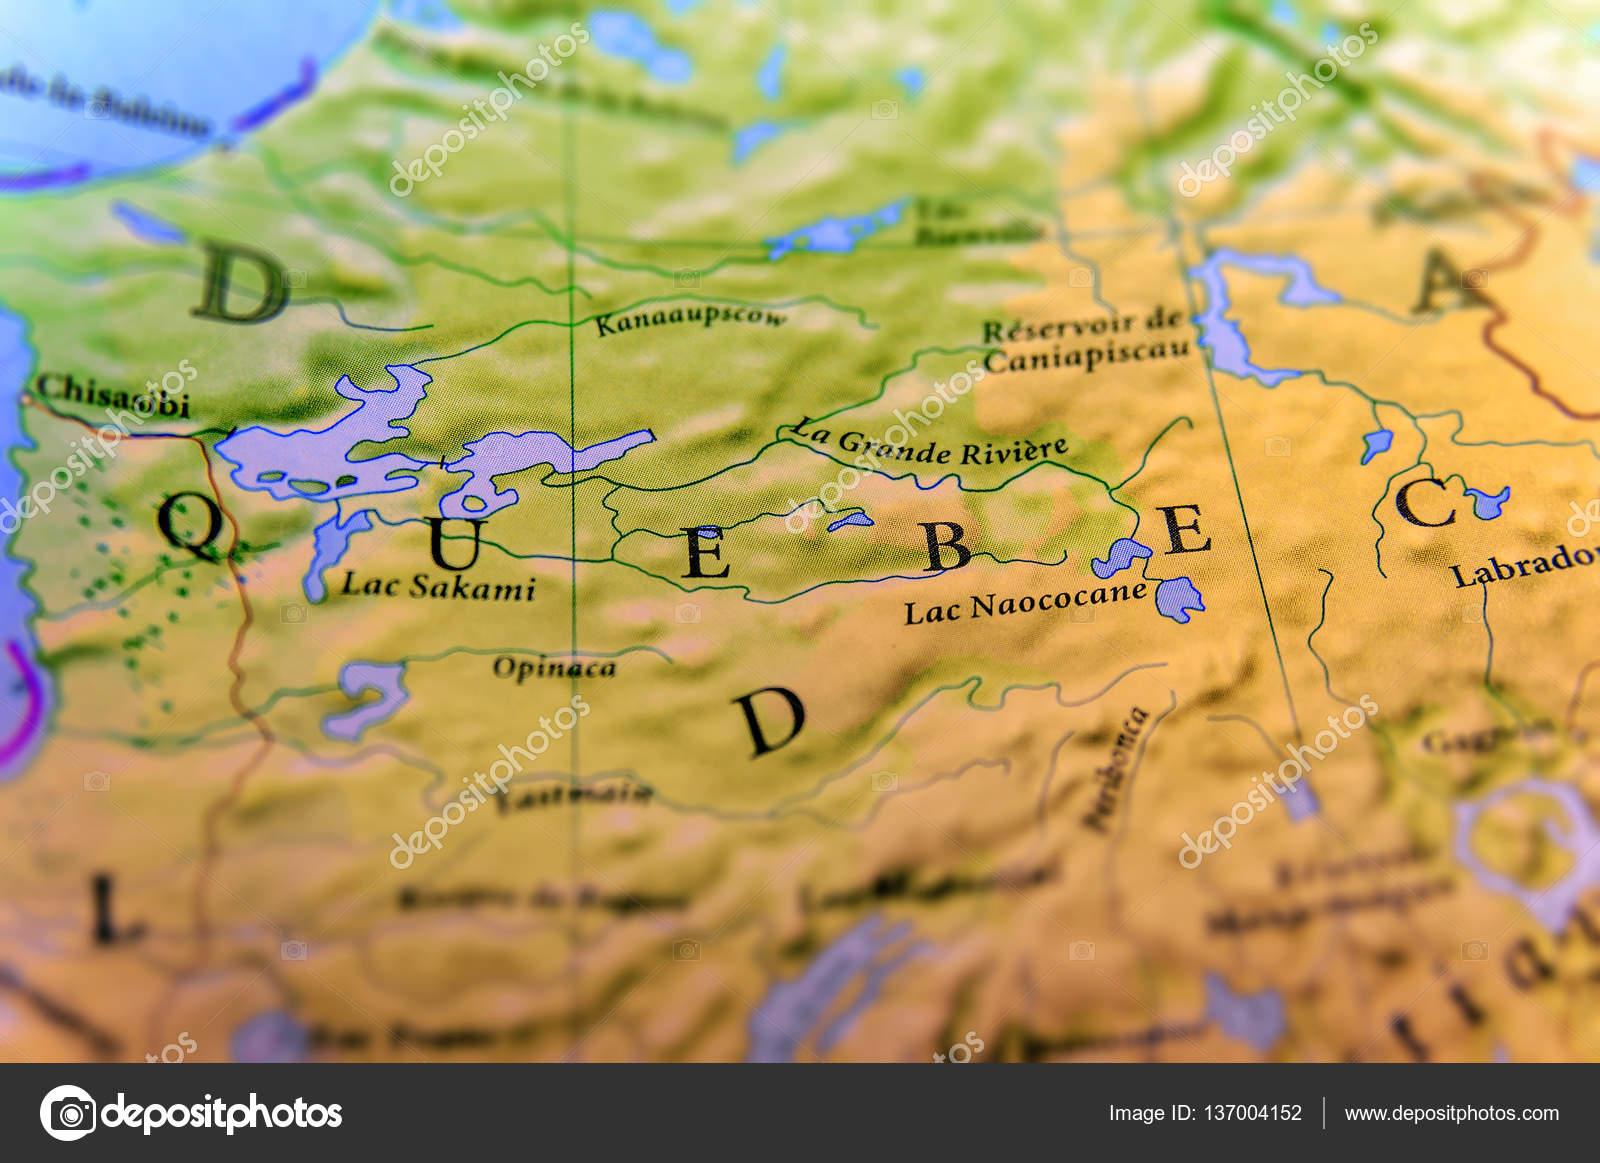 Carte Canada Avec Ville.Carte Geographique Du Quebec Etat Canada Avec Des Villes Importantes